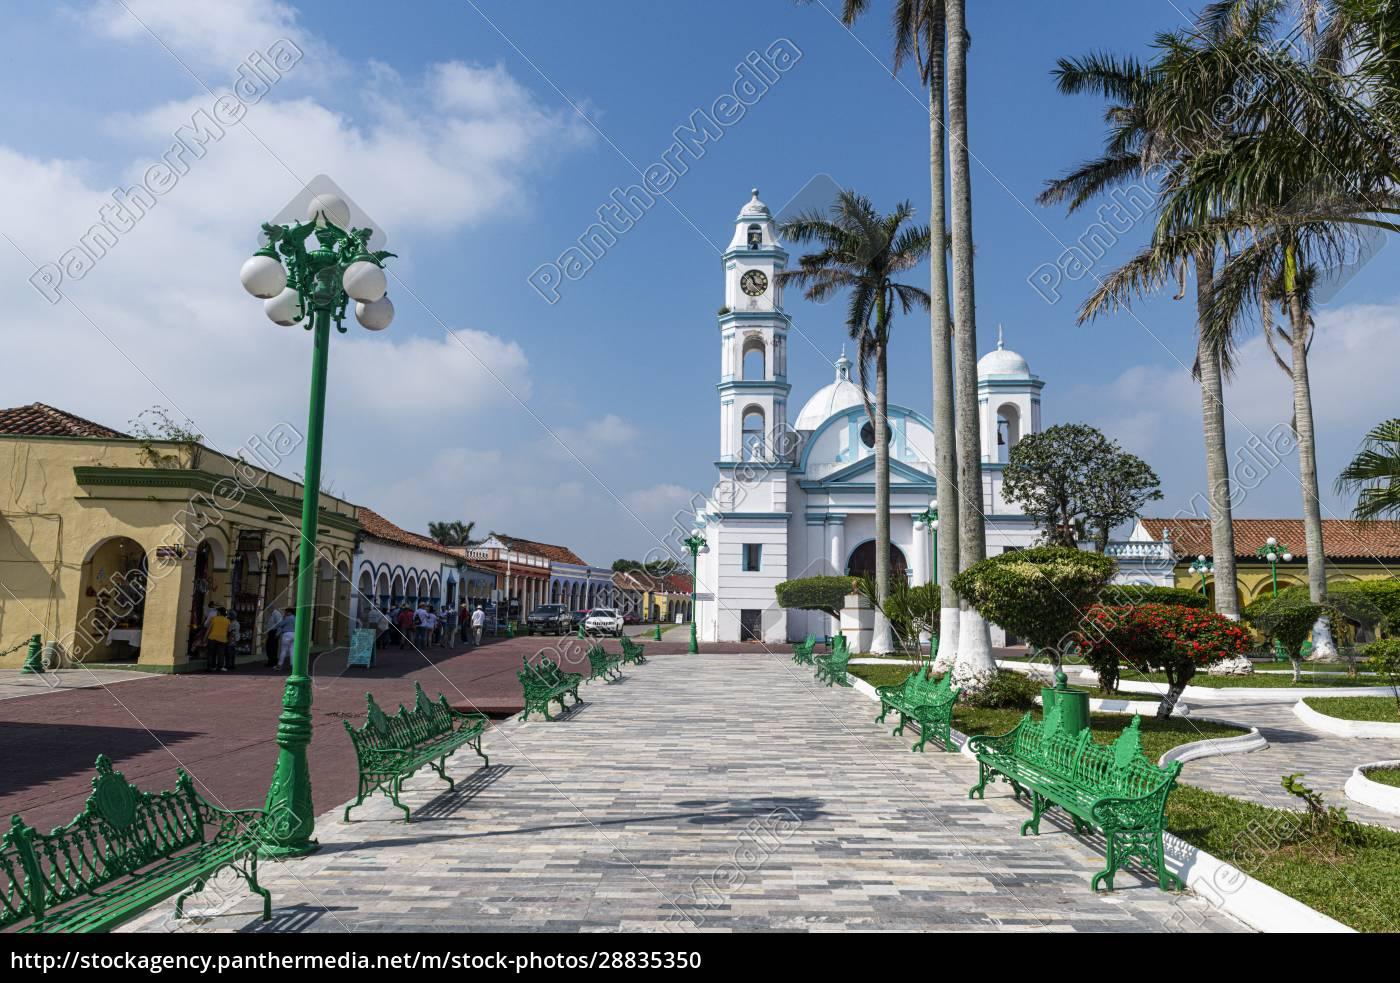 tlacotalpan, wpisane, na, listę, Światowego, dziedzictwa, unesco, veracruz, meksyk, ameryka - 28835350